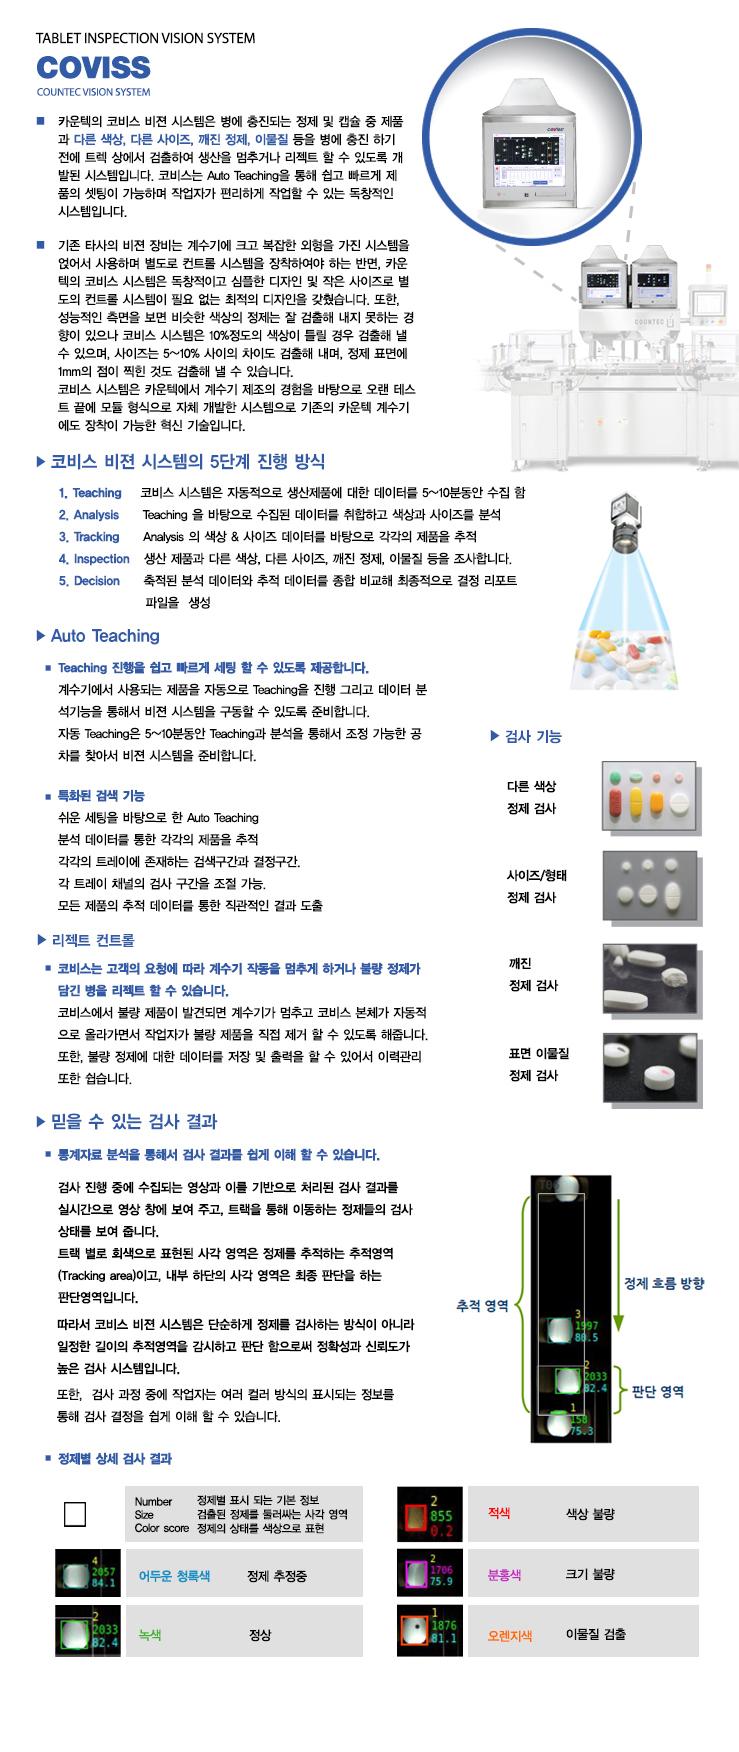 (주)카운텍 Tablet Inspection Vision System COVISS 1